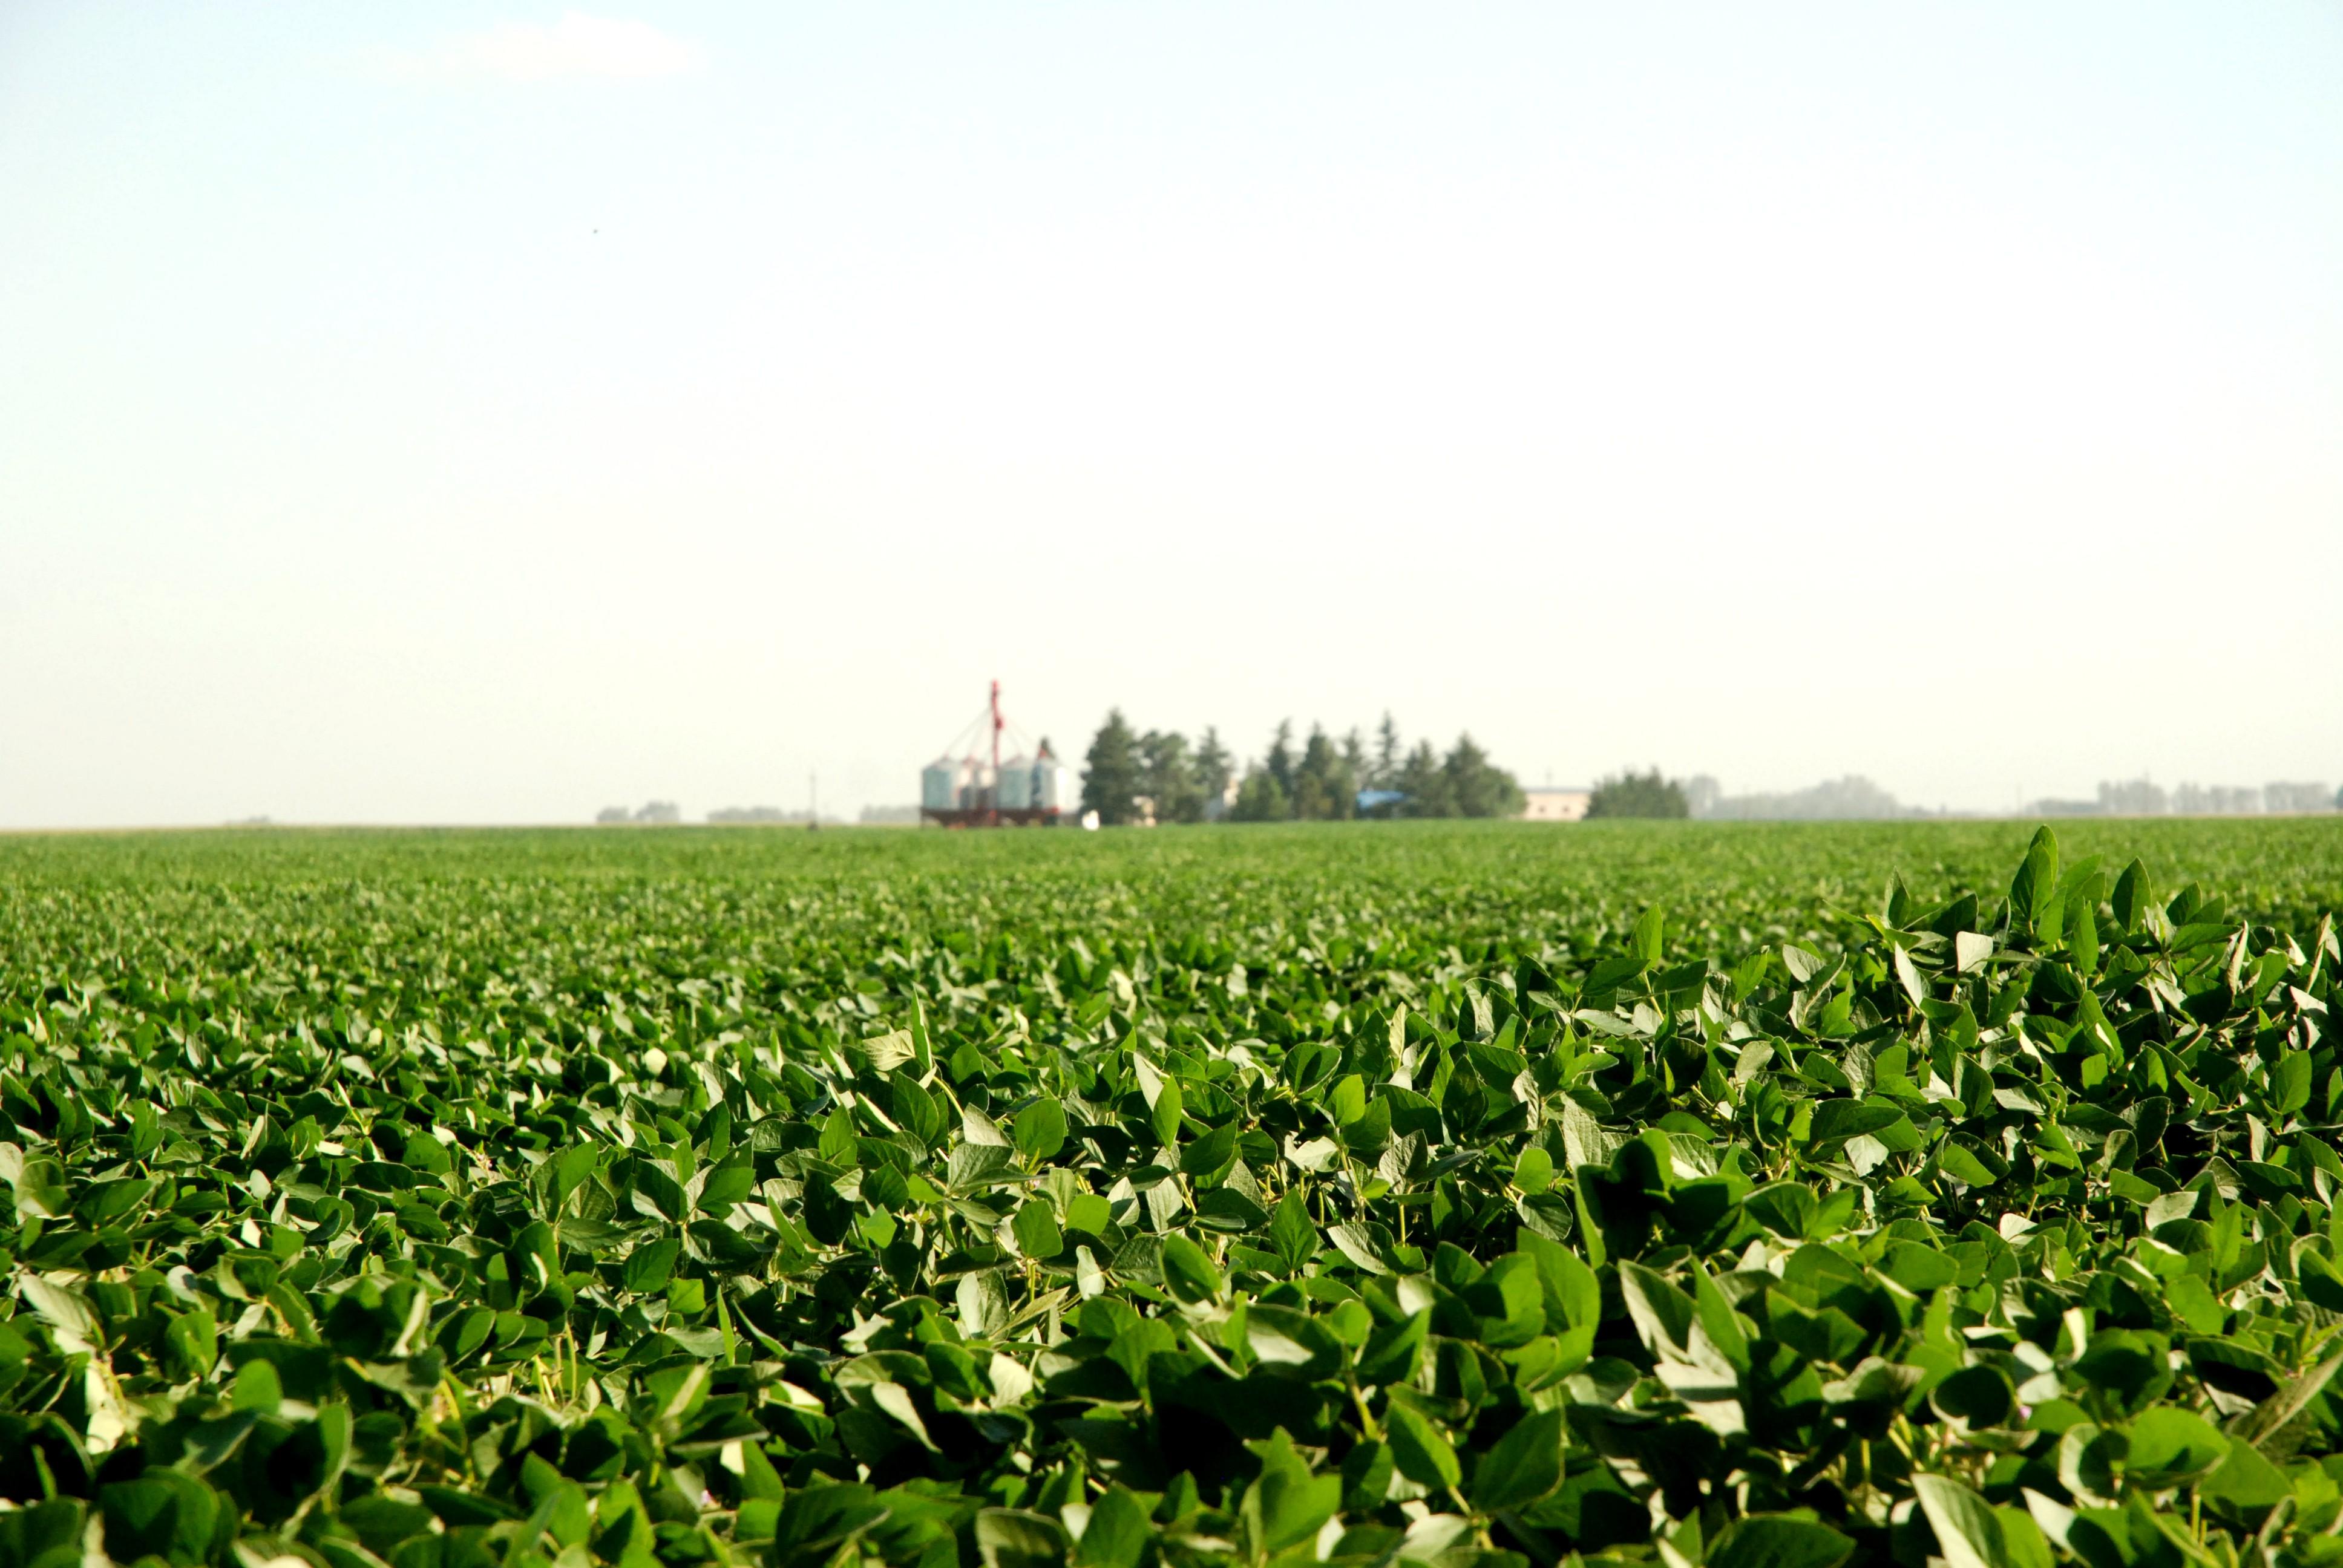 soybeanfieldinunin,rgentina